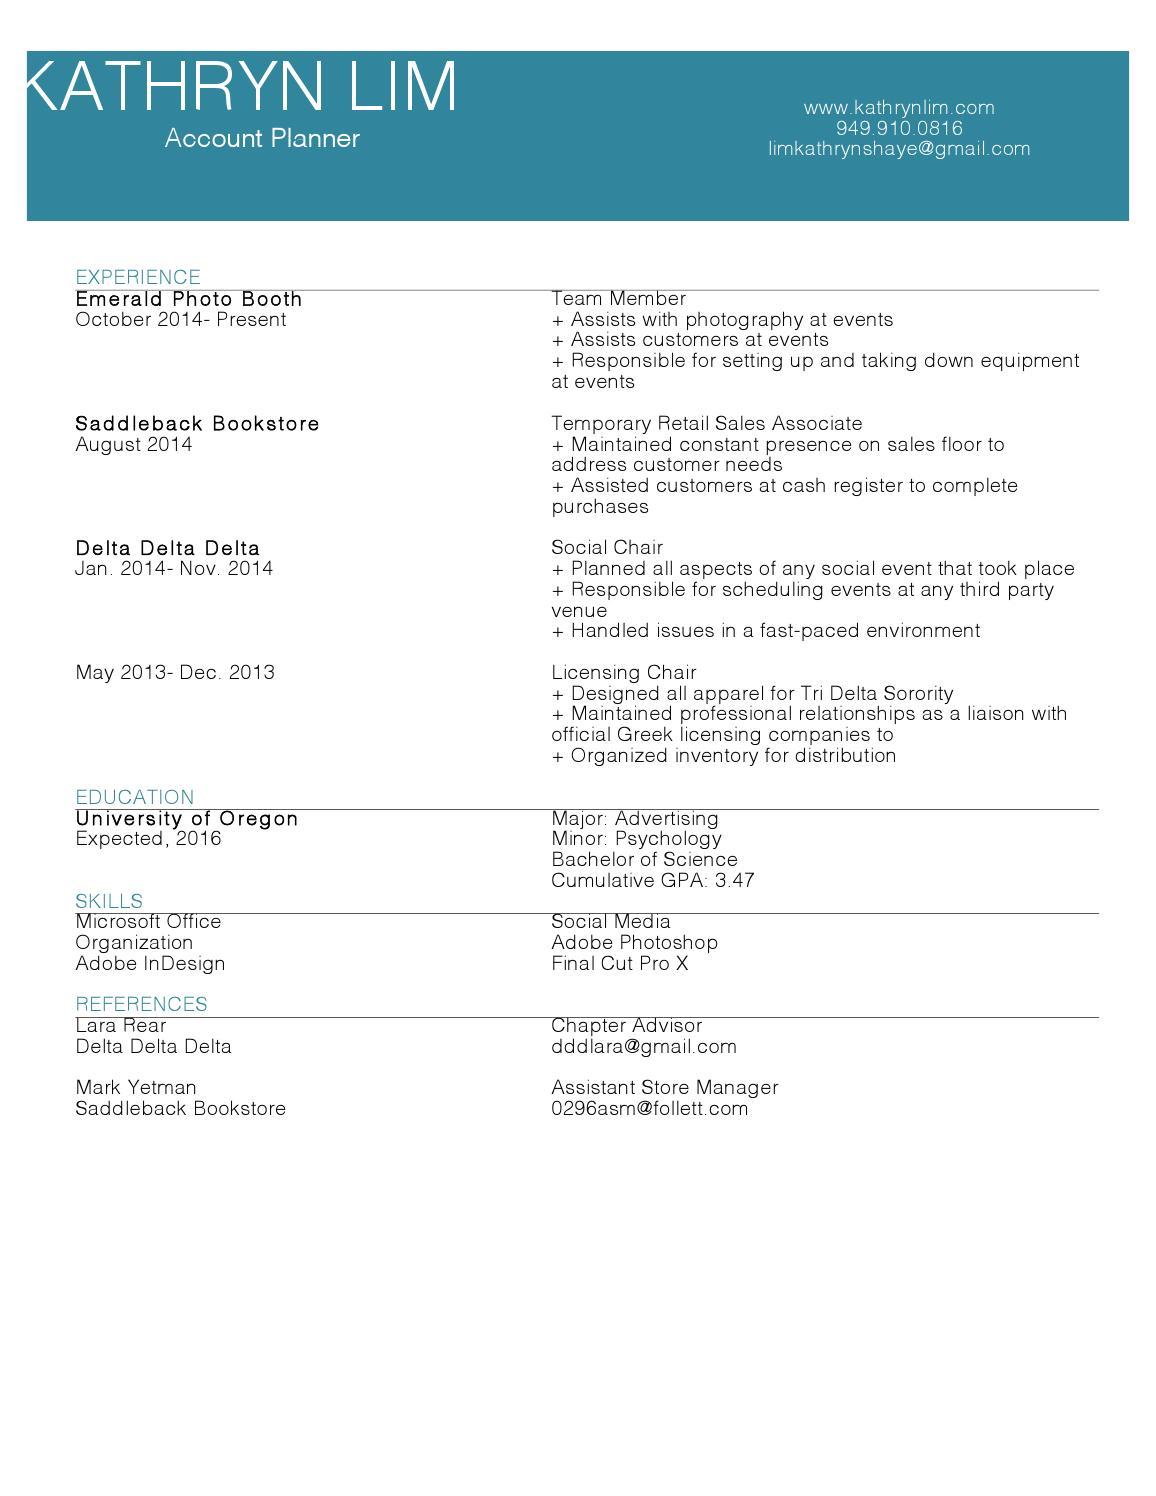 kathryn lim resume by kathrynlim